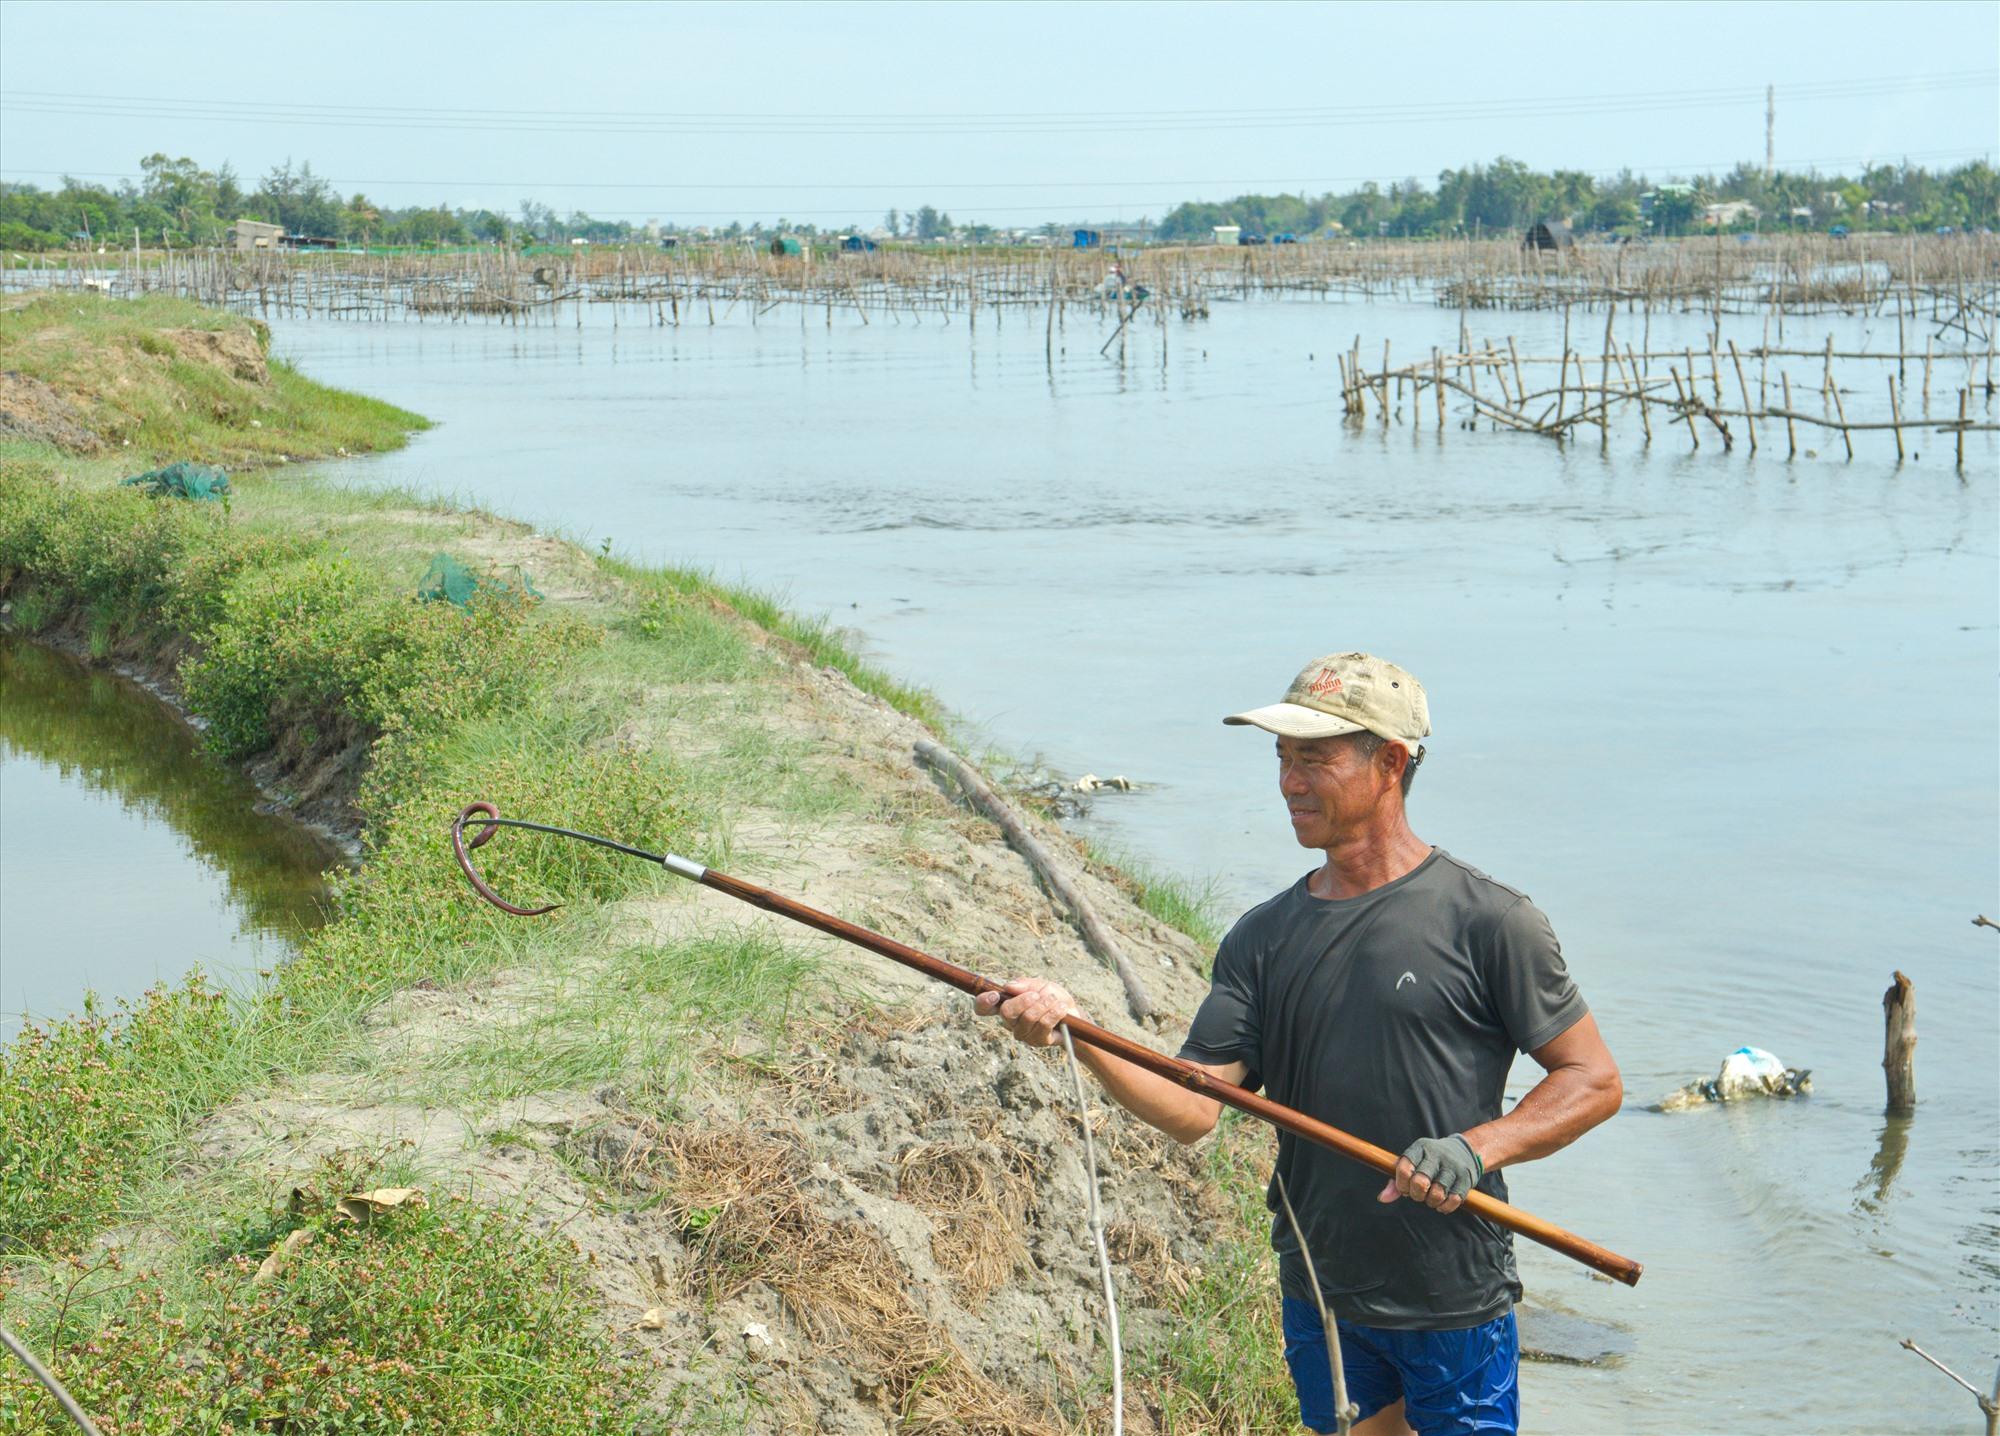 Ông Nguyễn Kim Ngọc (thôn Cổ Linh, xã Bình Sa, Thăng Bình) vừa cào được một con lươn. Ảnh: N.Đ.N